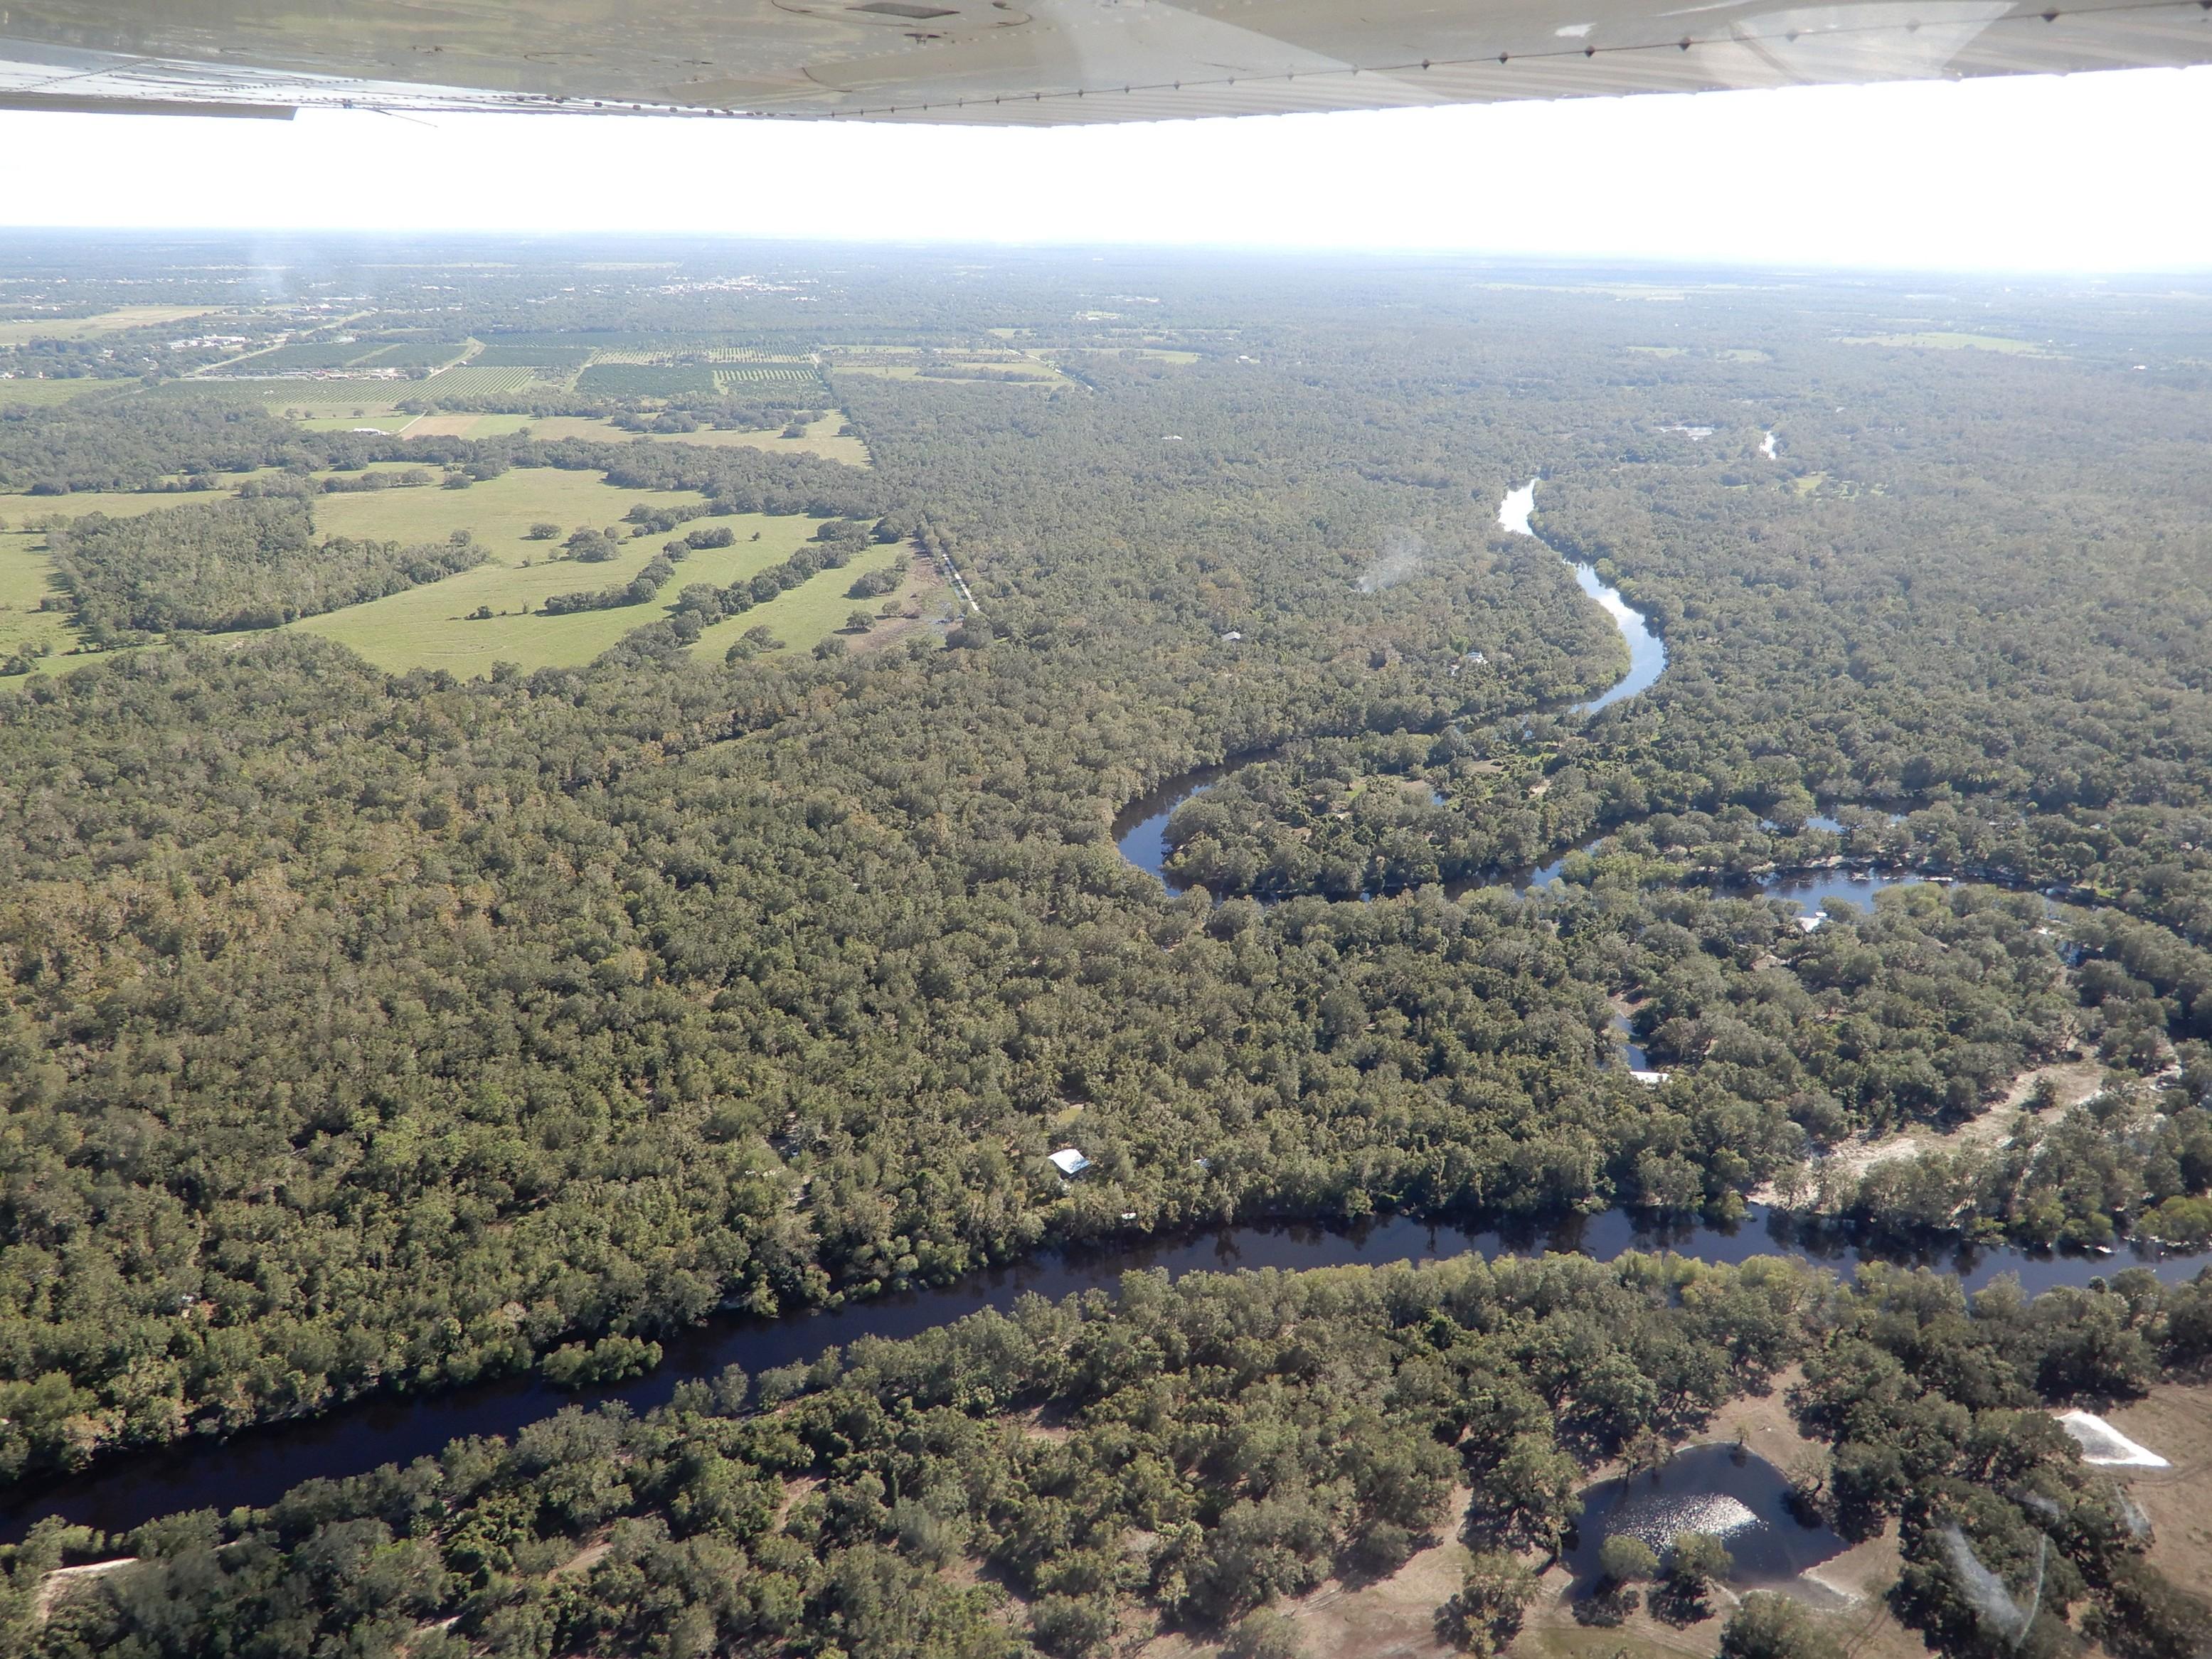 Řeka Piece River protékající přírodou střední Floridy.